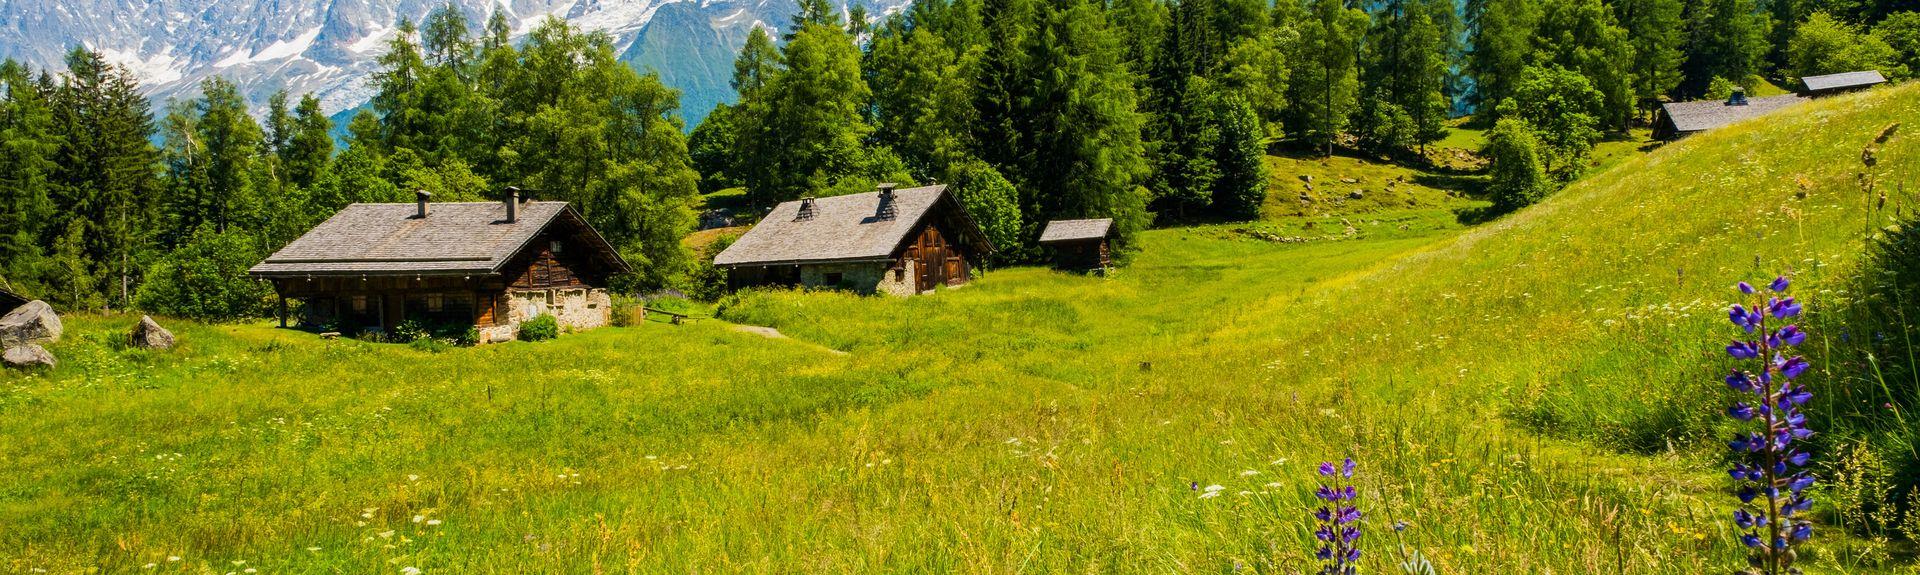 Les Houches, Haute-Savoie (department), France